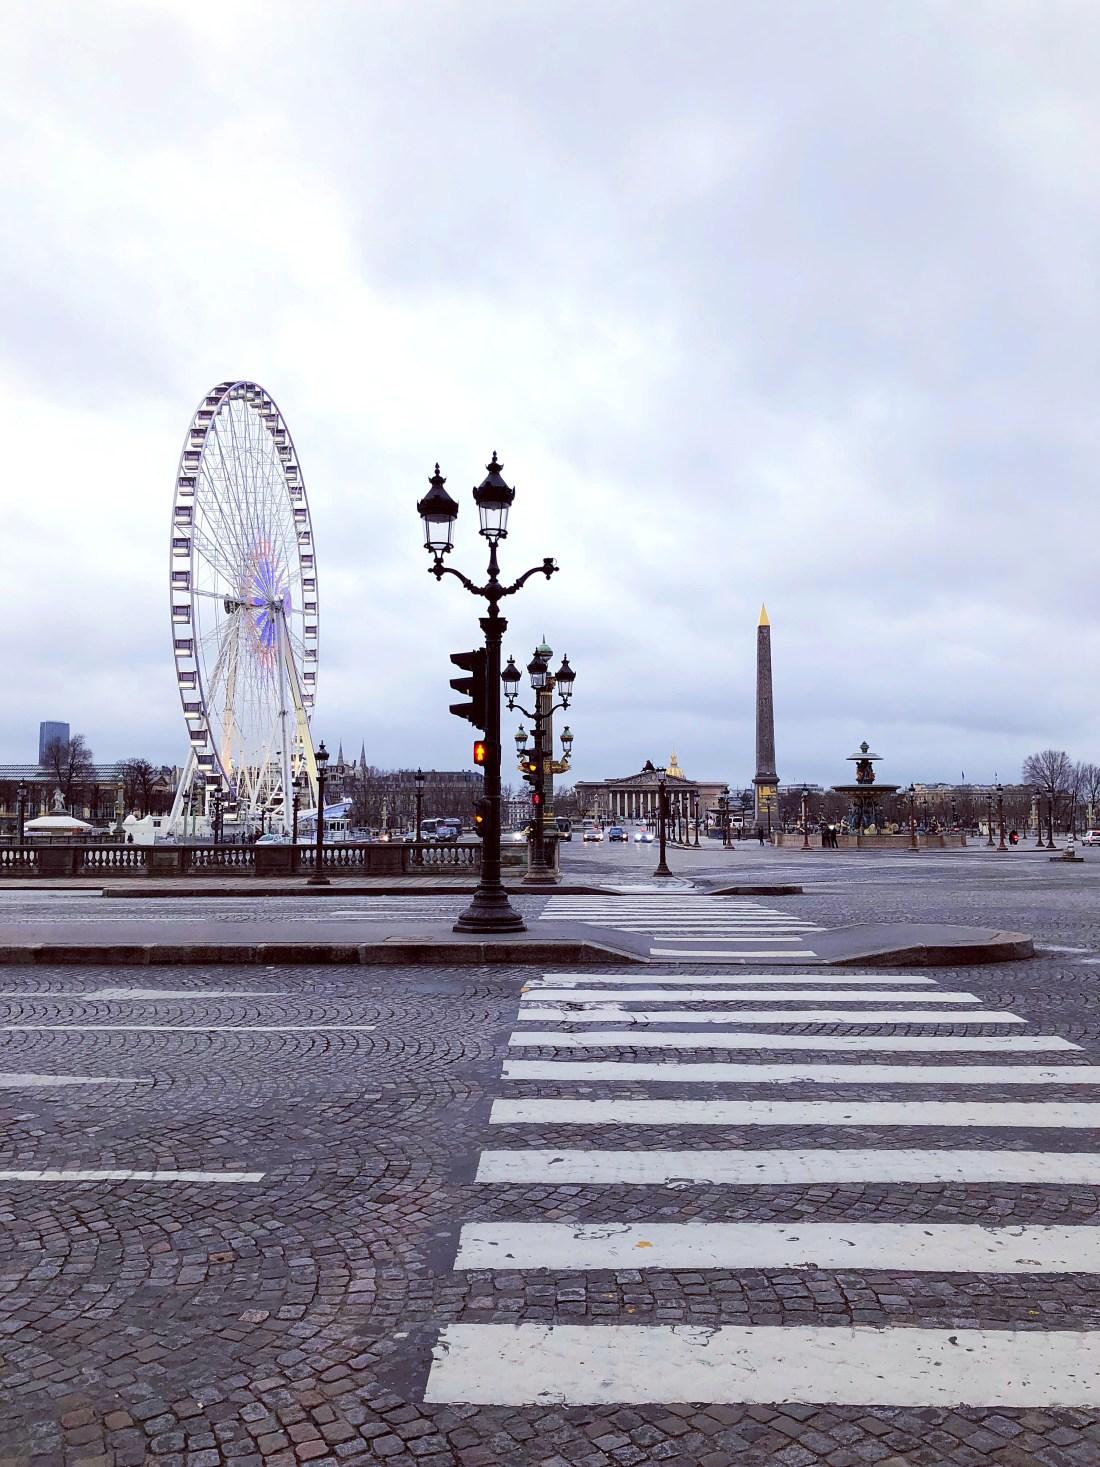 Paris Concorde